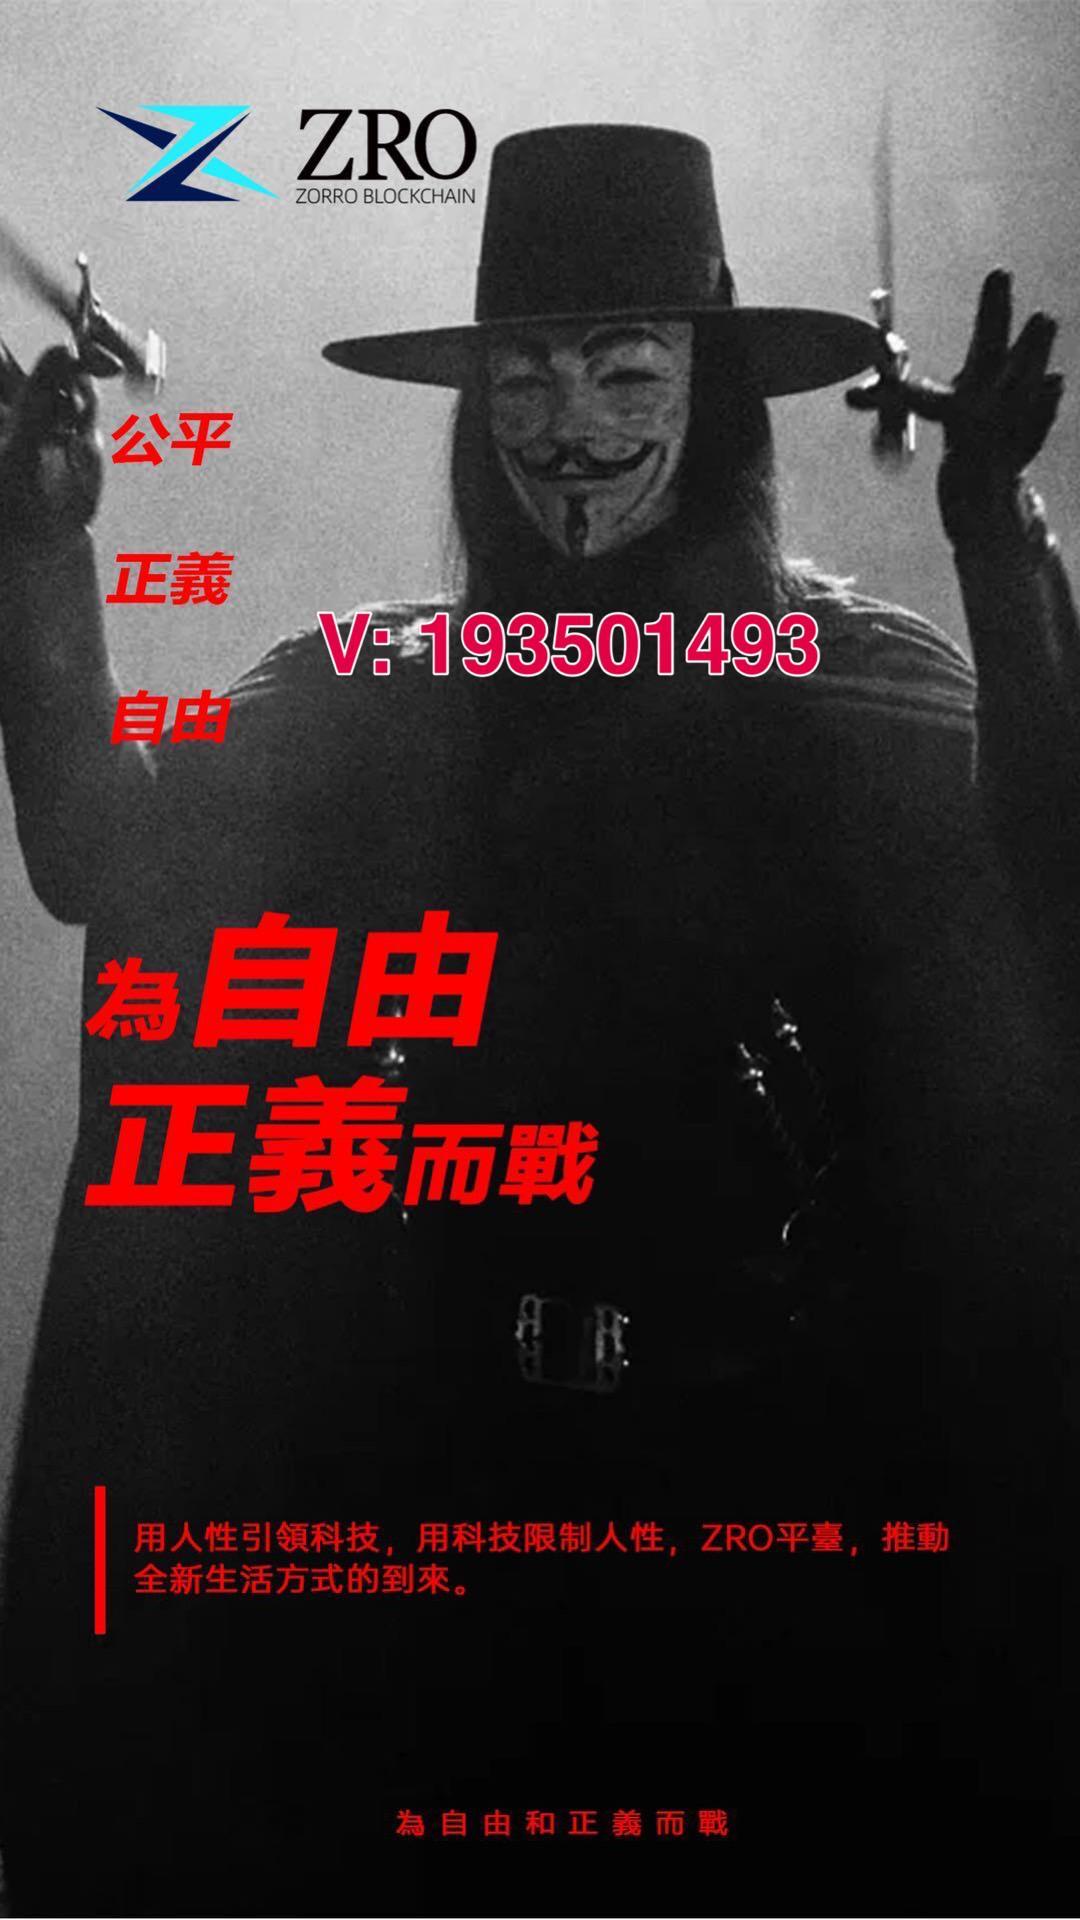 【揭秘】Zorro佐罗创始人,Zorro佐罗哪个团队好,多少钱